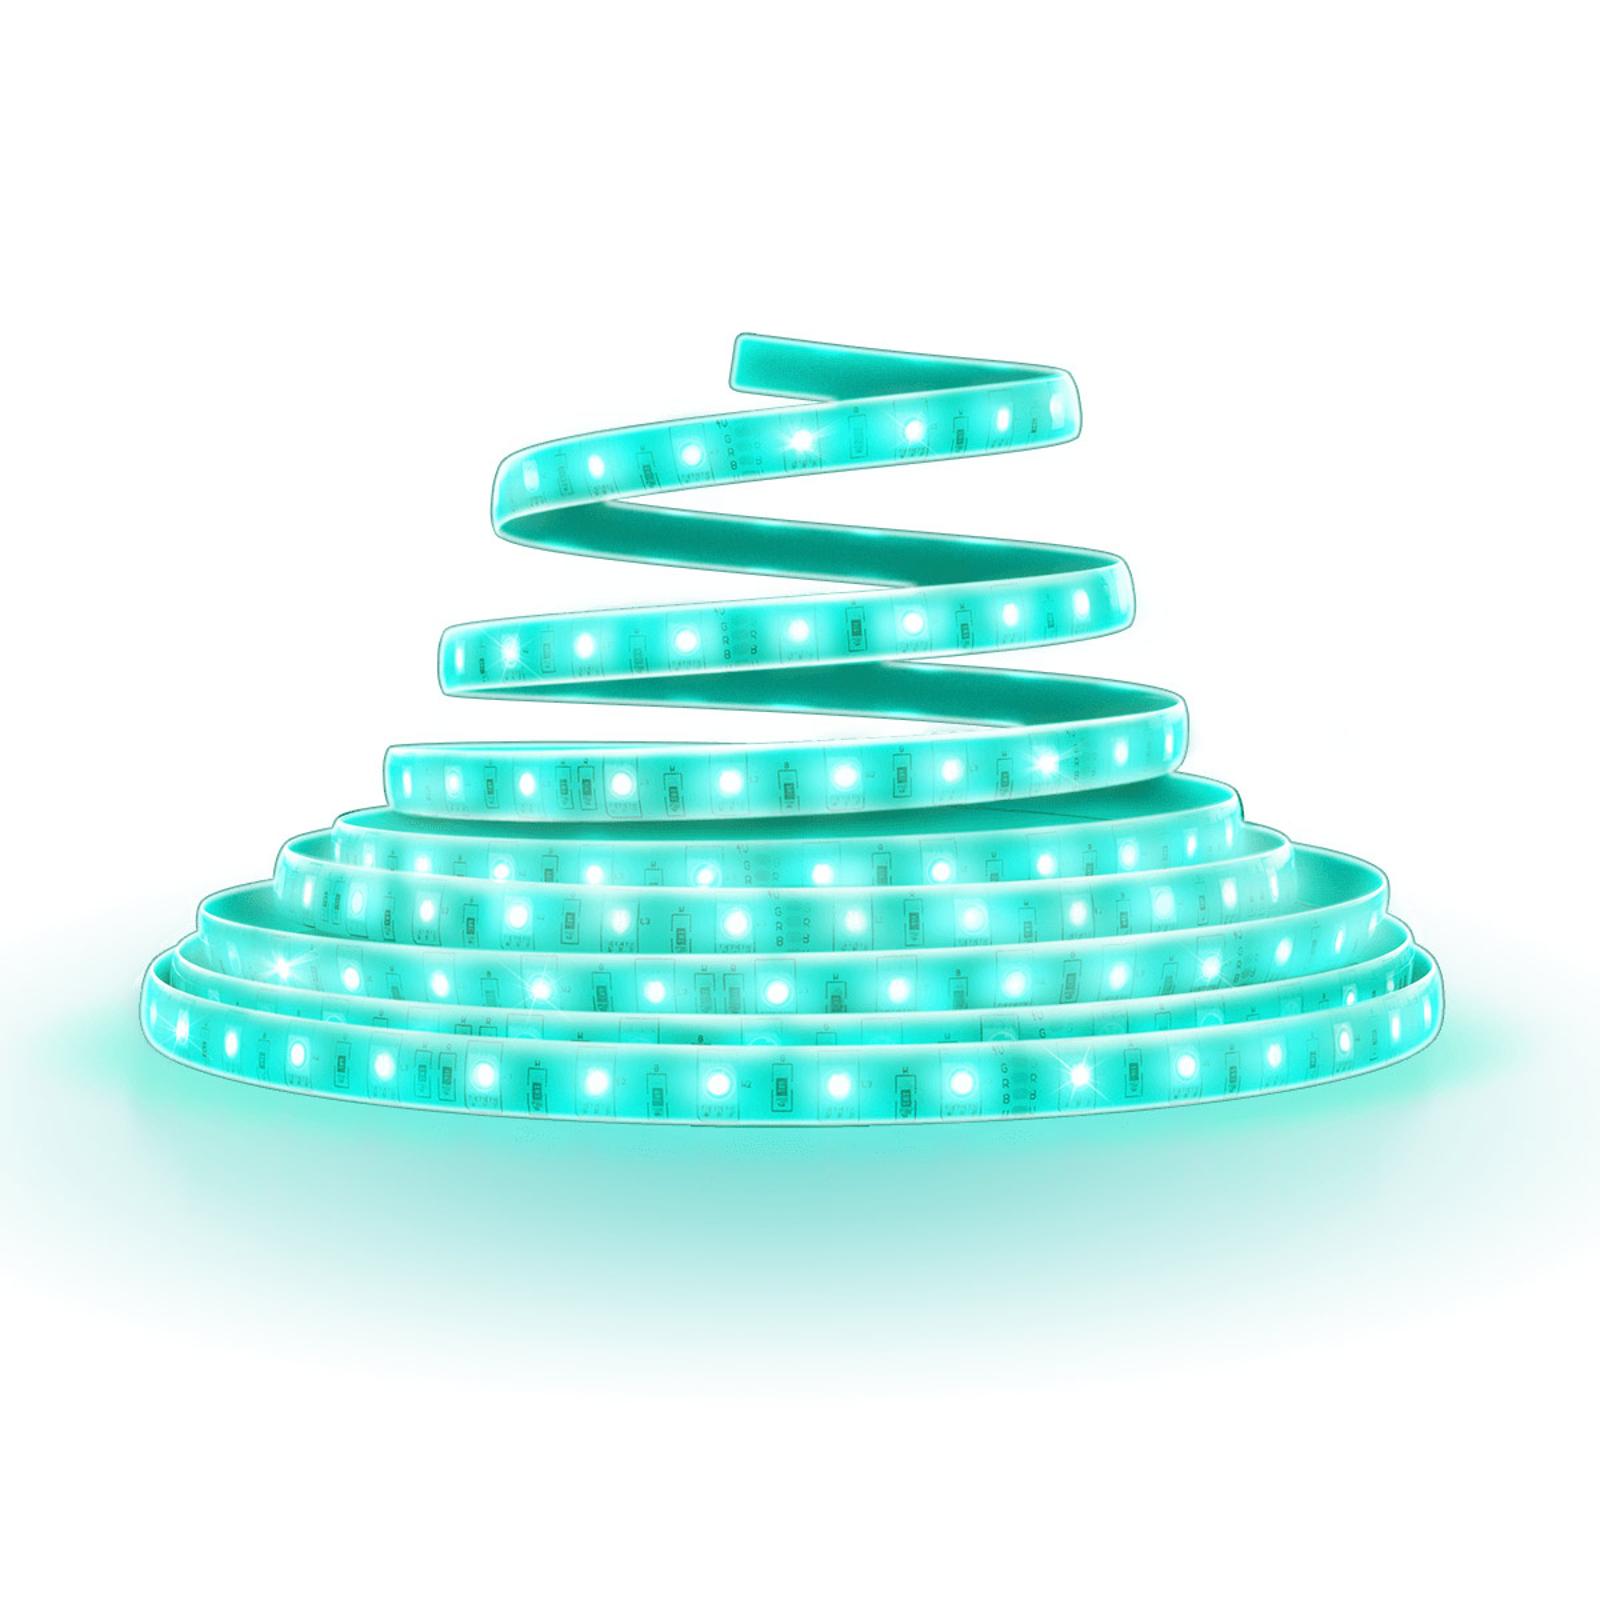 Innr LED-Strip Flex Light RGBW, mit Stecker, 2m